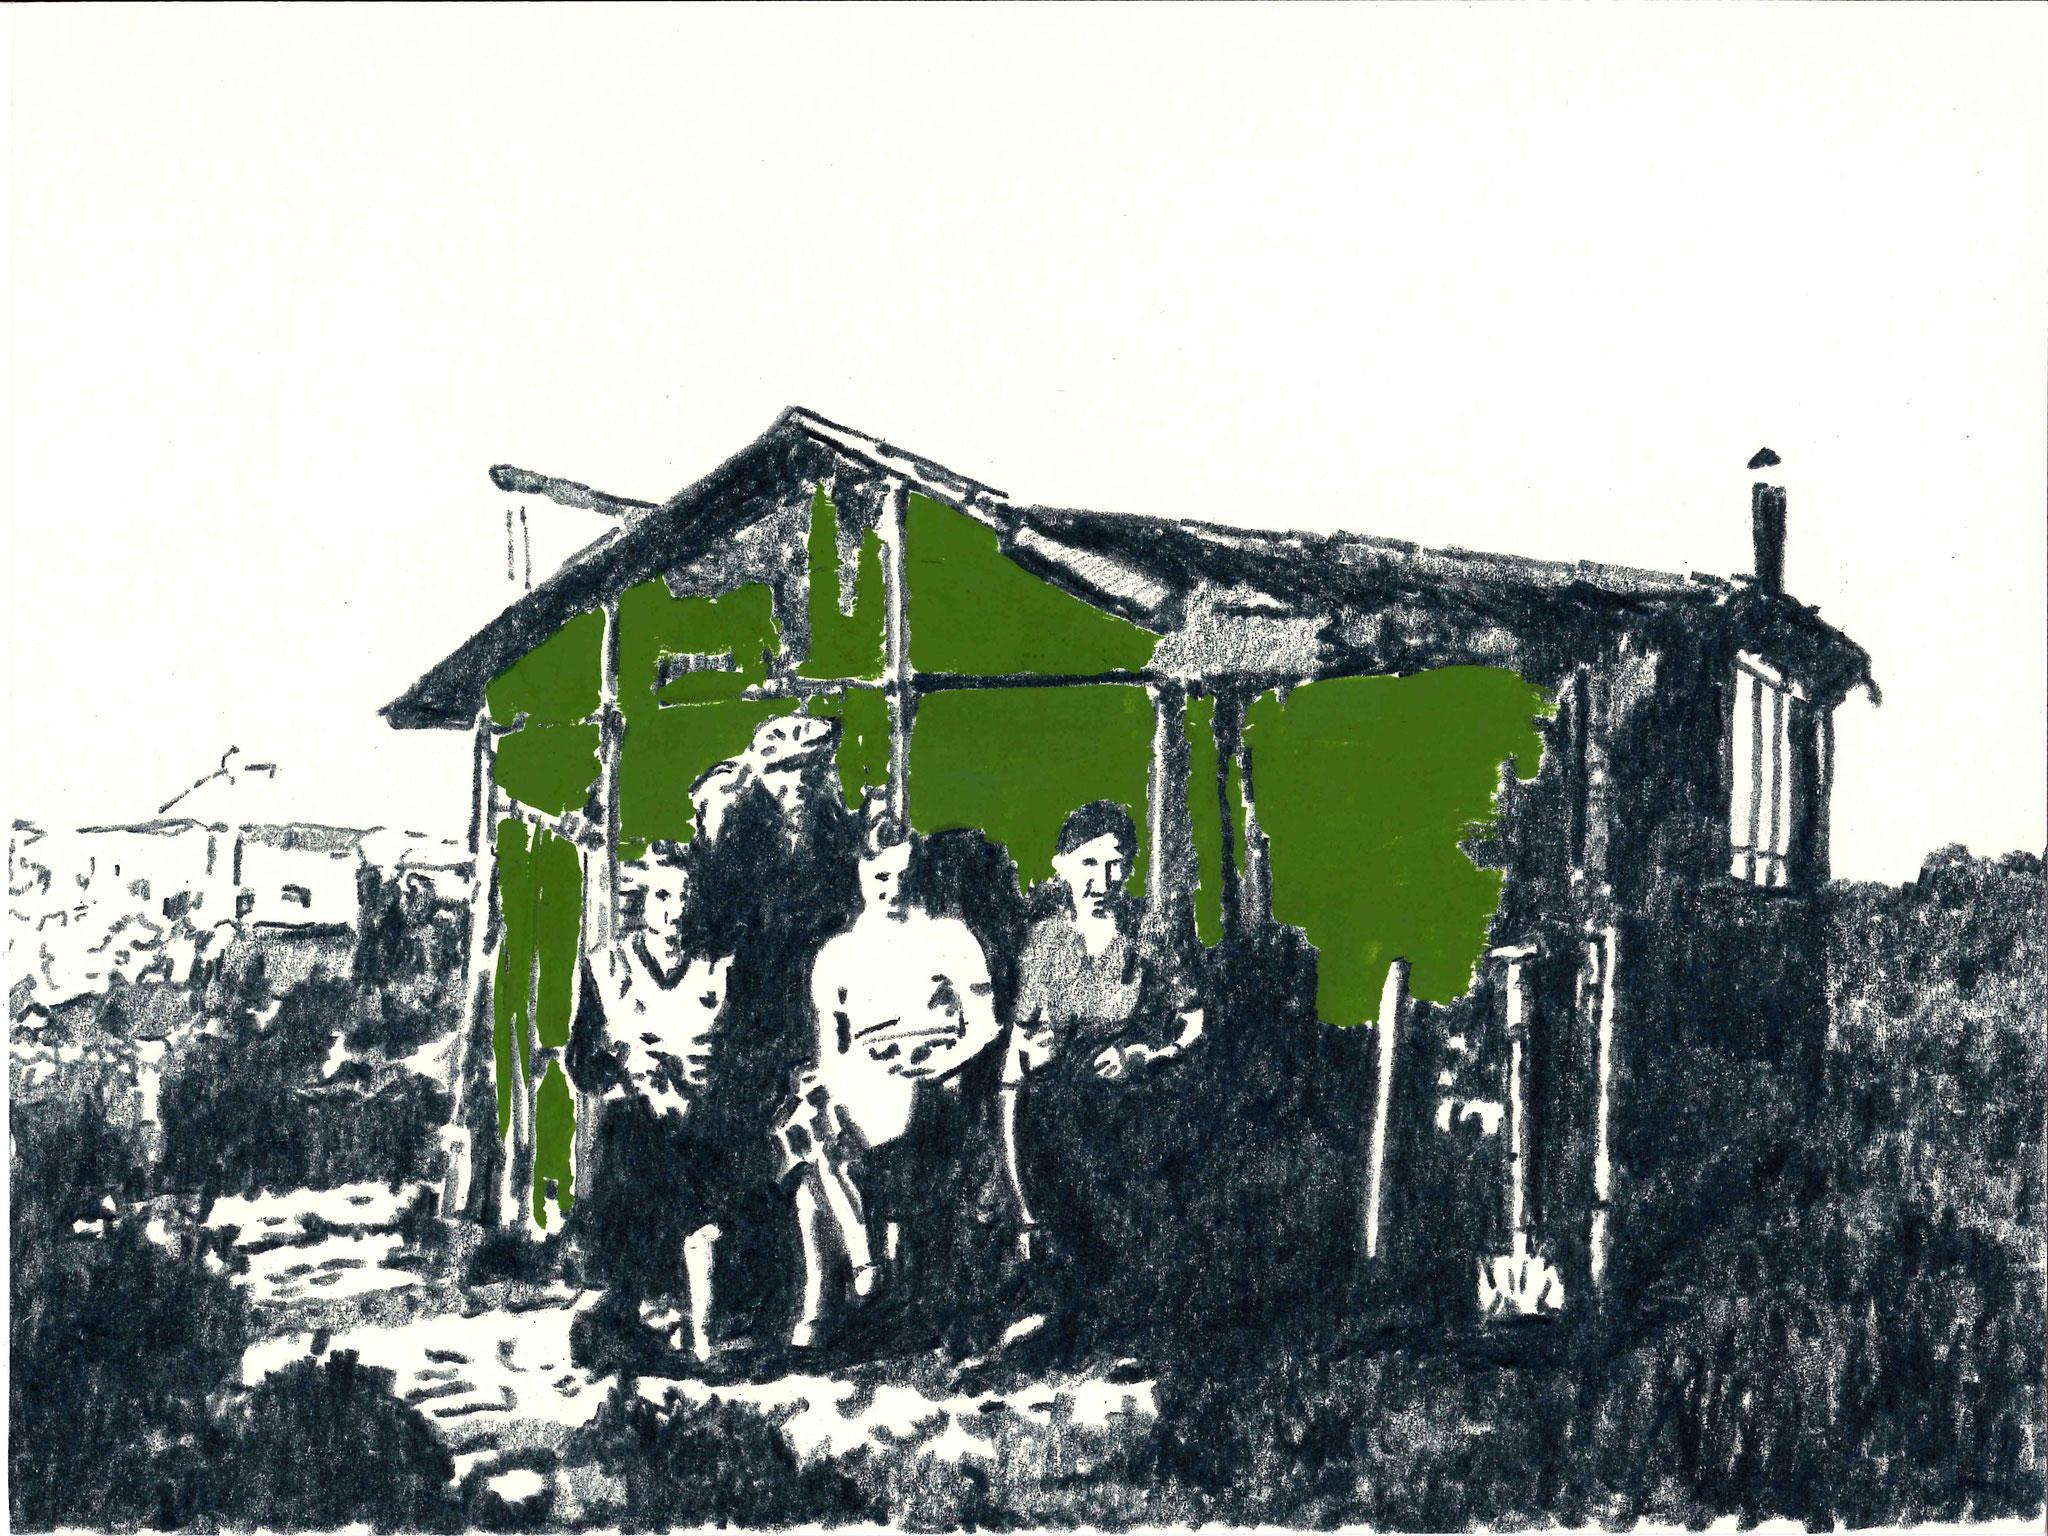 Gartenhaus | 18 x 24 cm | Farbstift und Gouache auf Papier | 2014